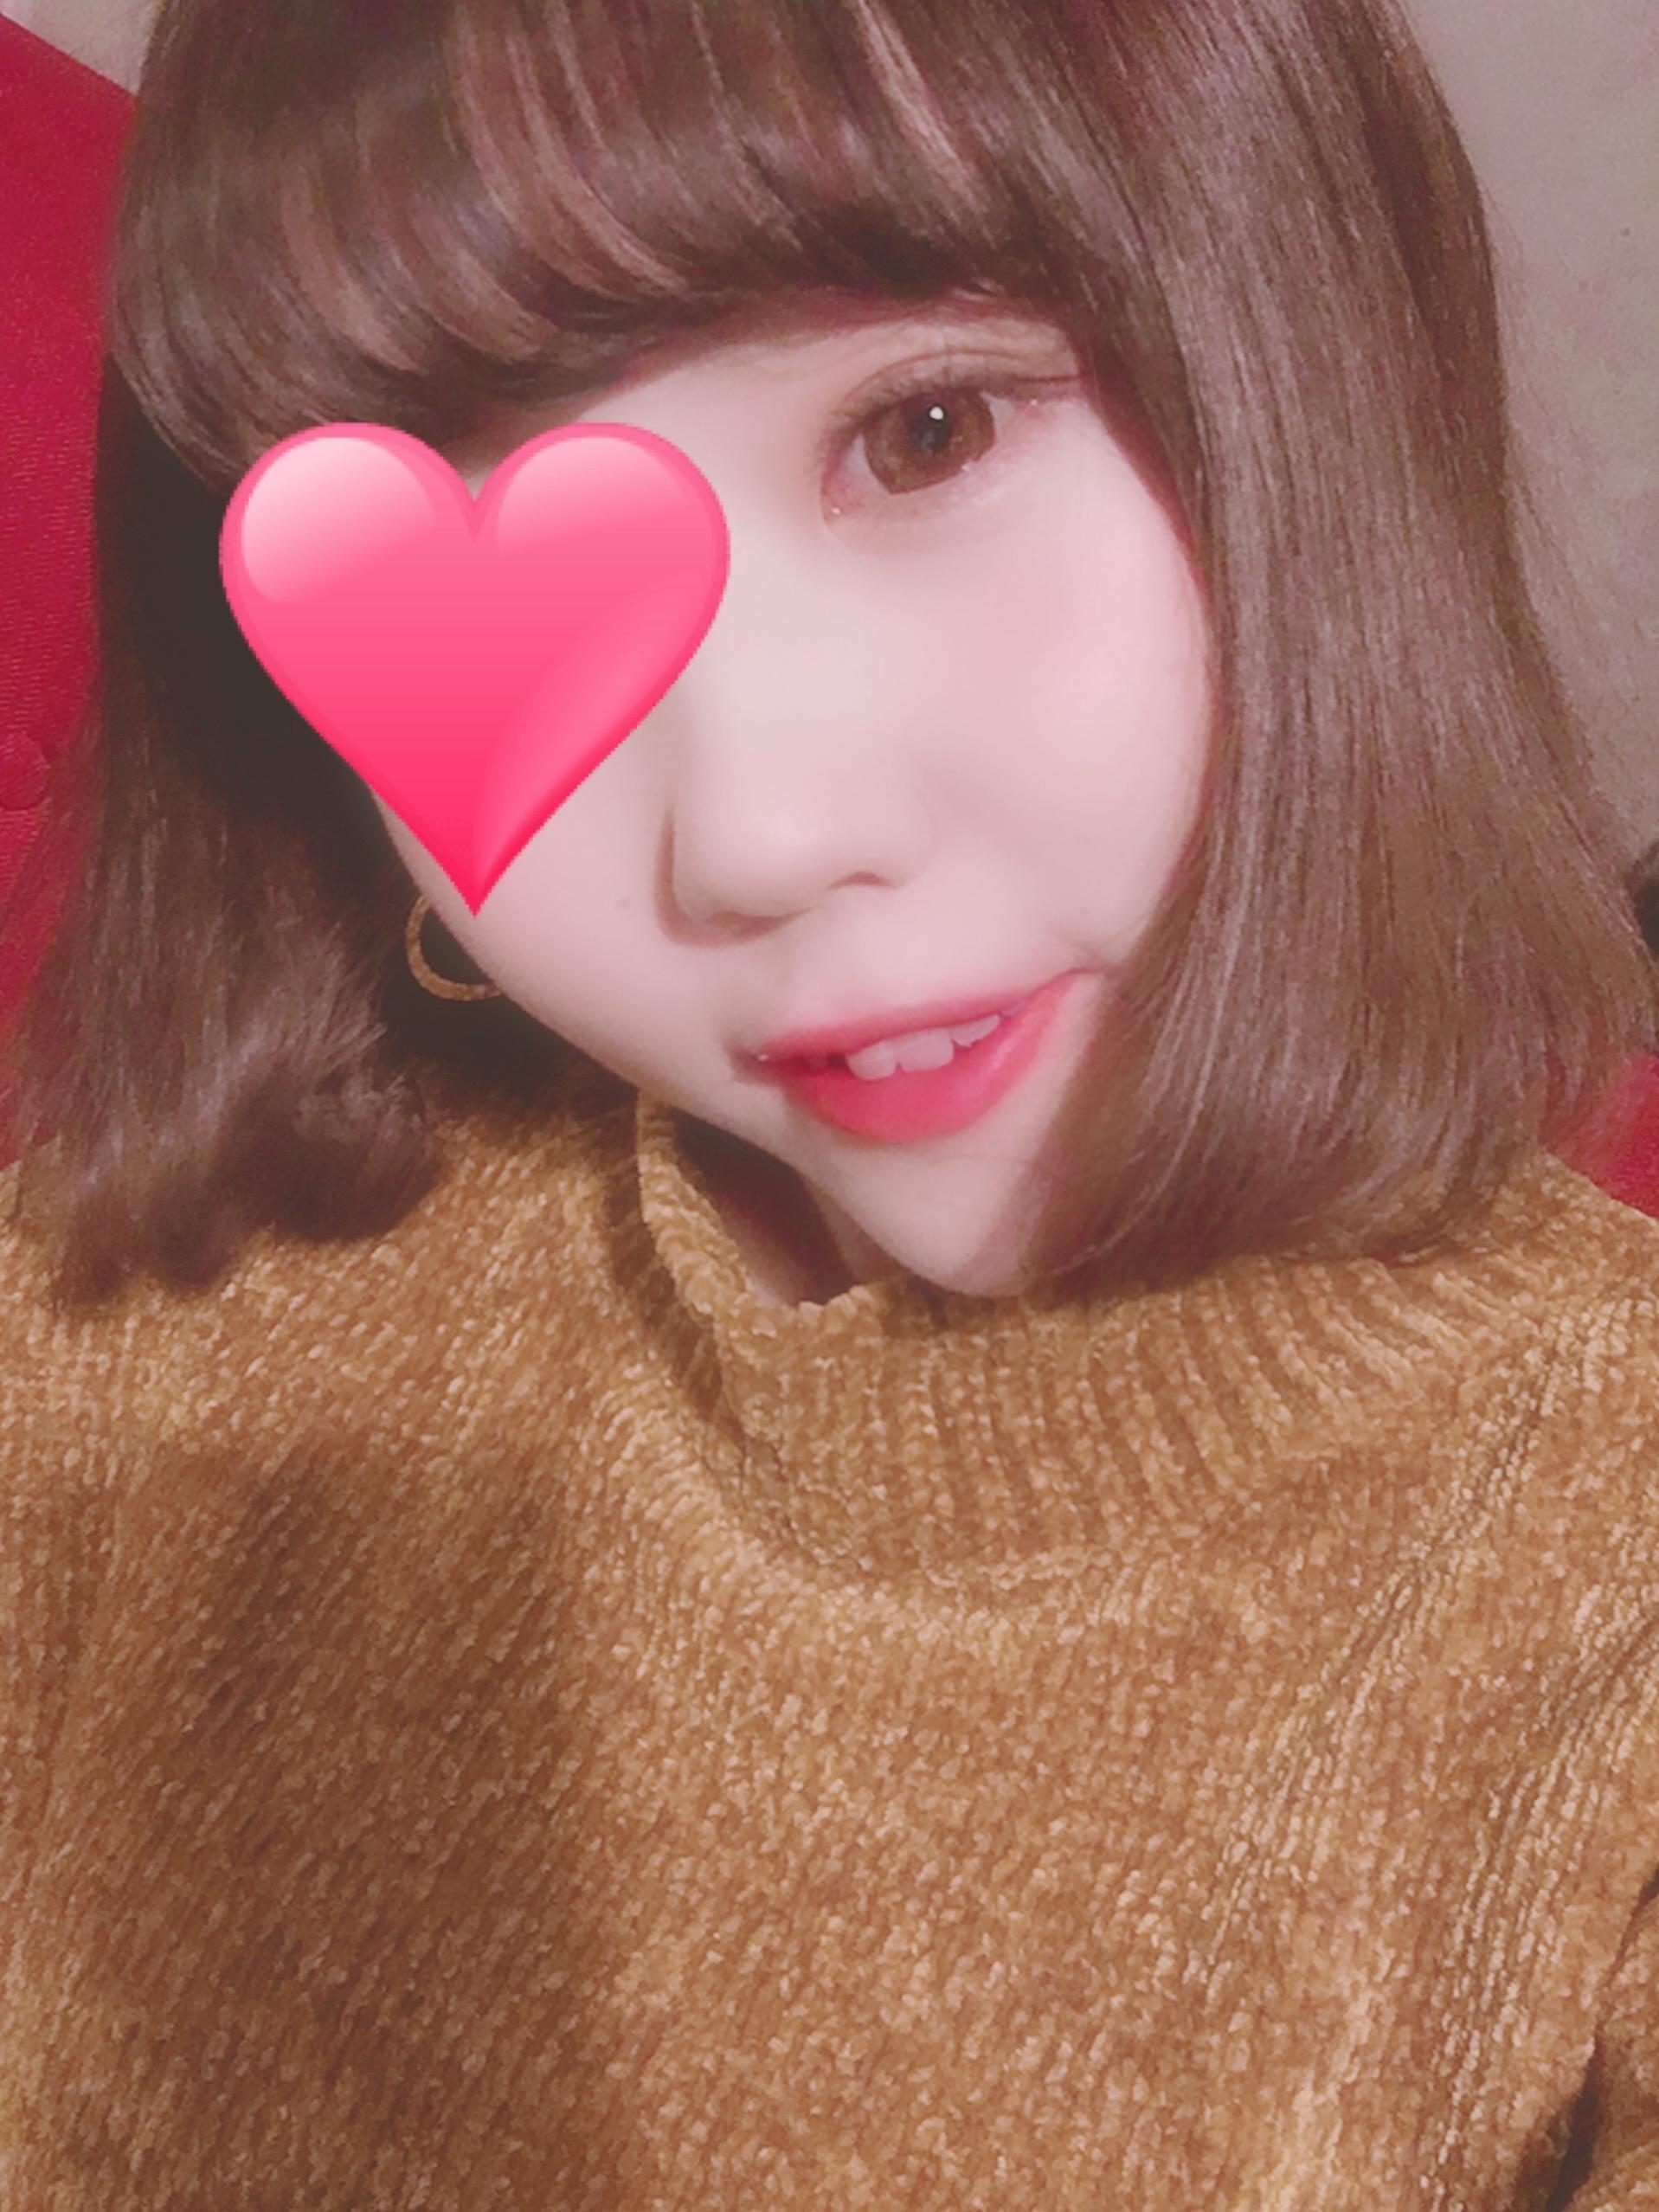 「待機中?」11/20日(火) 22:46 | ゆにたんの写メ・風俗動画